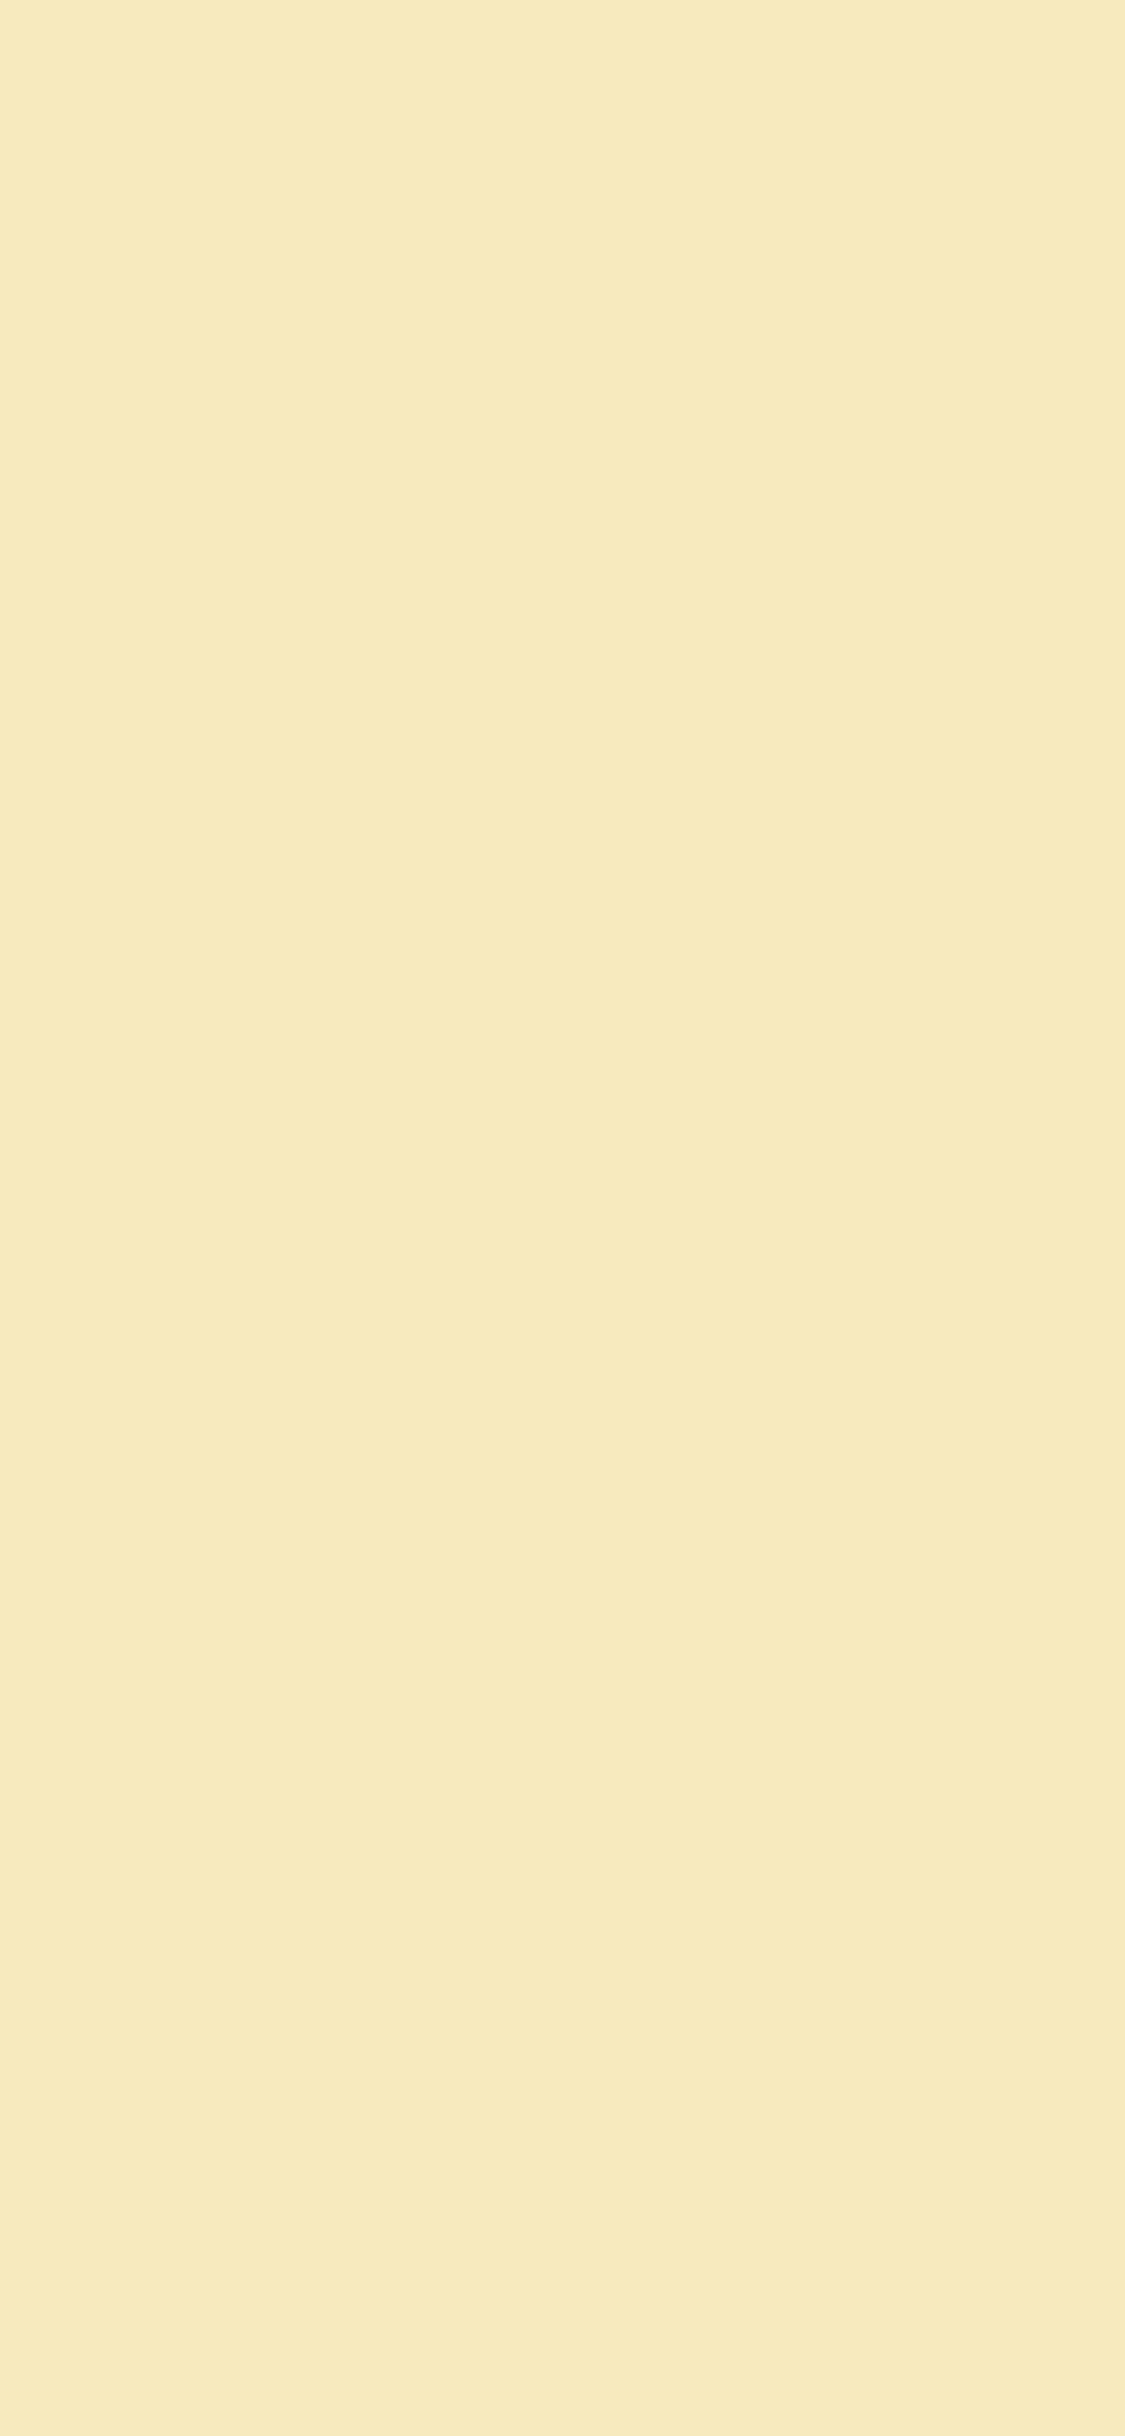 1125x2436 Lemon Meringue Solid Color Background